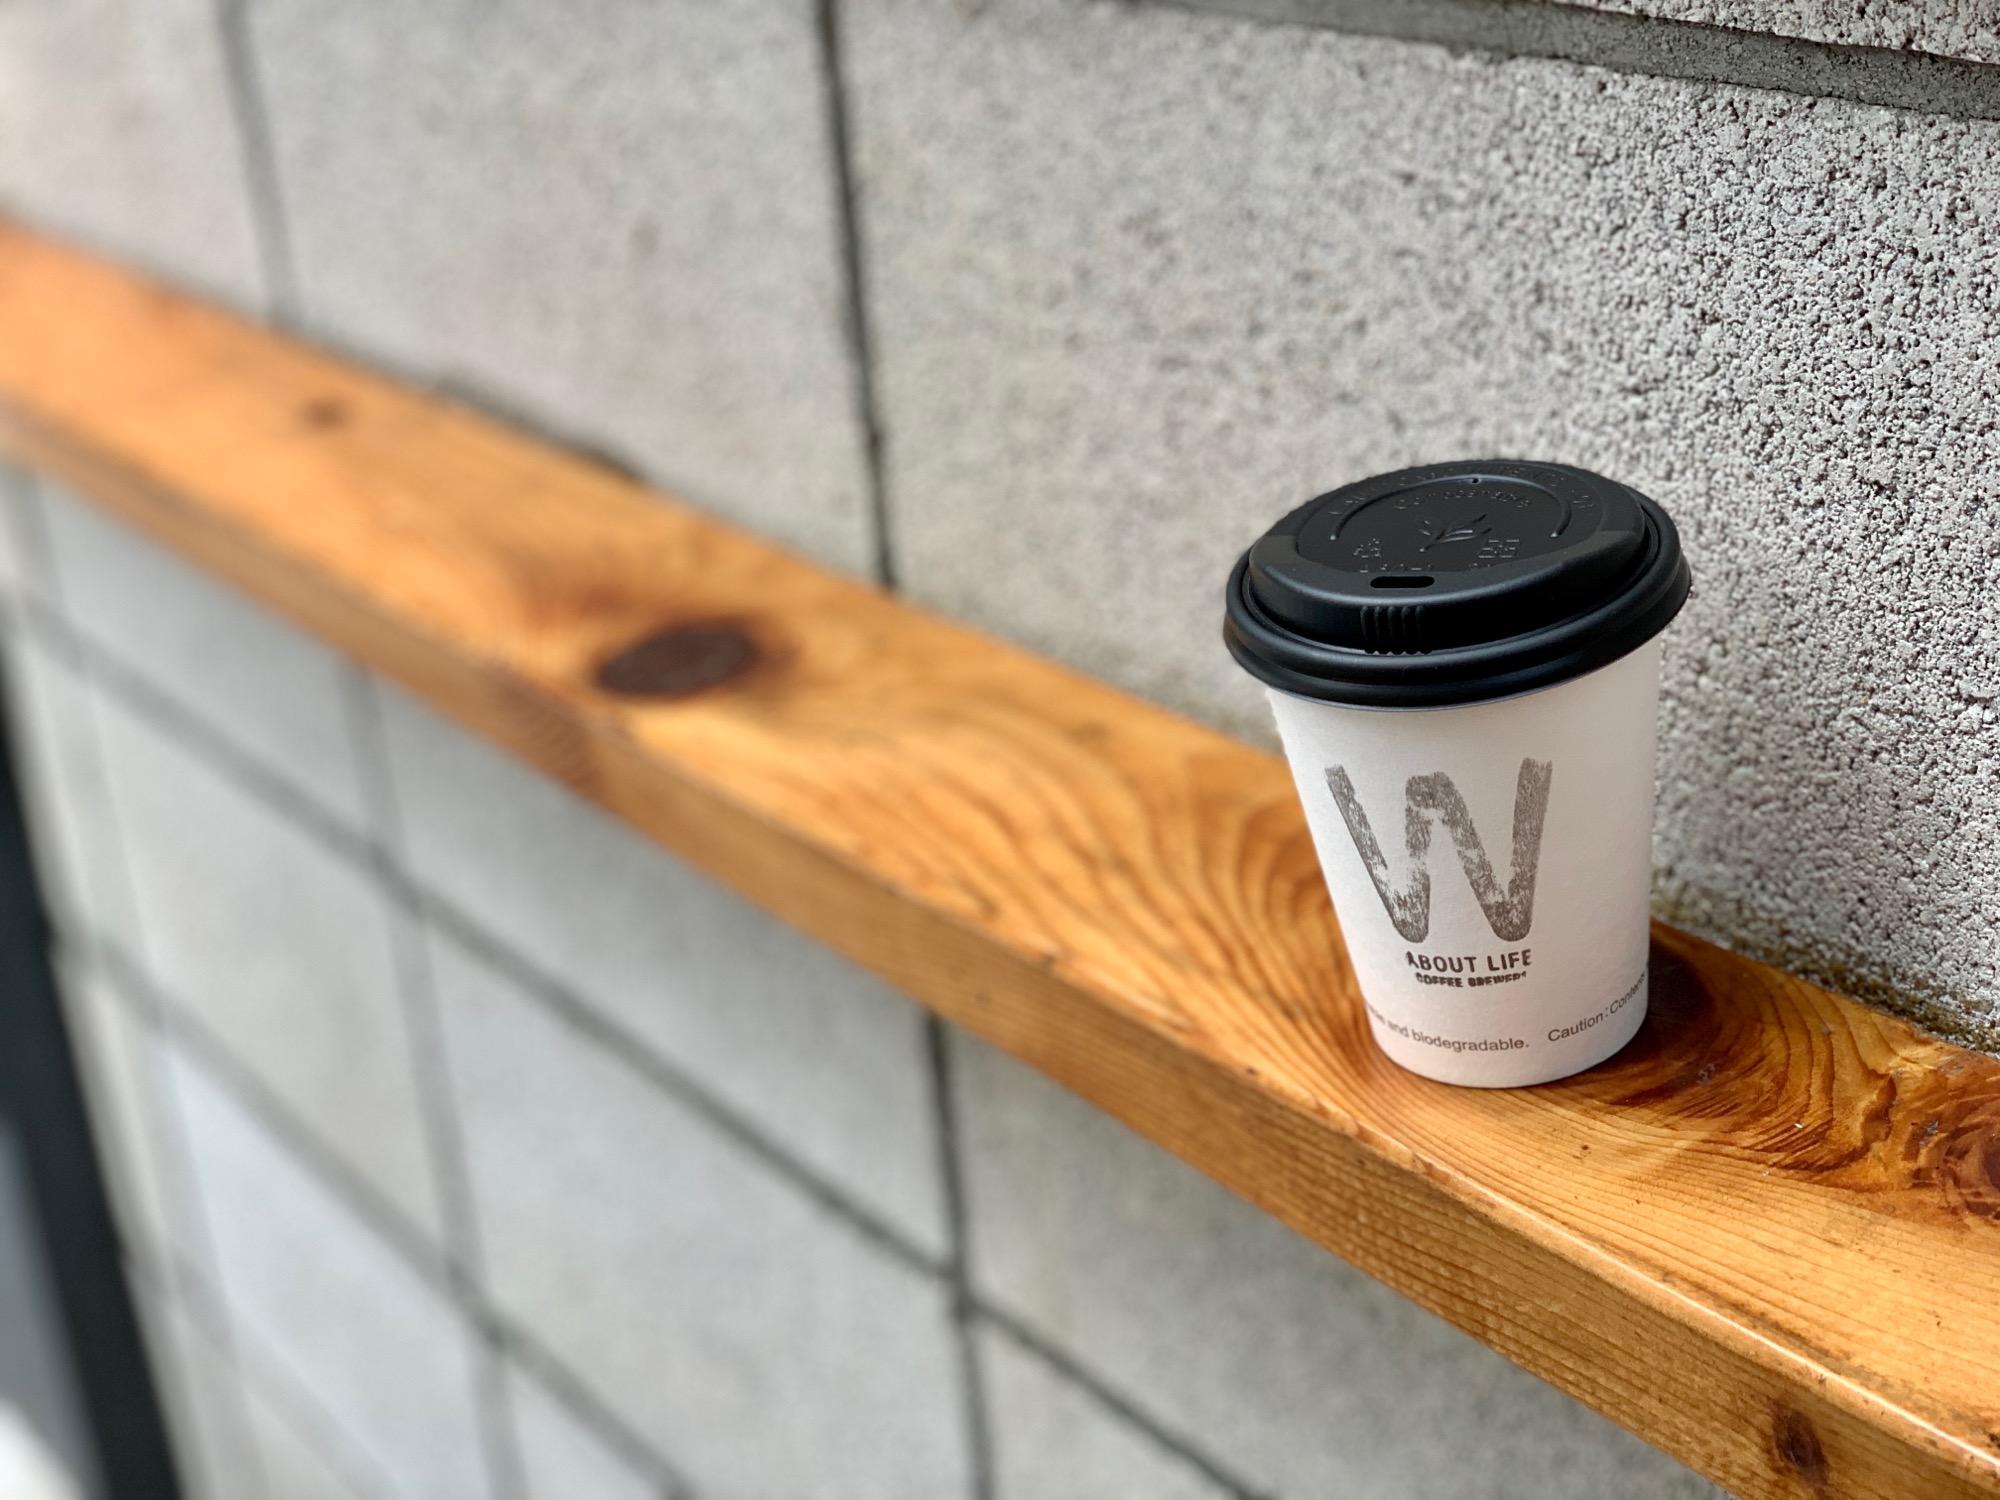 《ご当地MORE✩東京》渋谷で立ち寄りたい❤️おしゃれなコーヒースタンド【ABOUT LIFE COFFEE BREWERS】☻_2